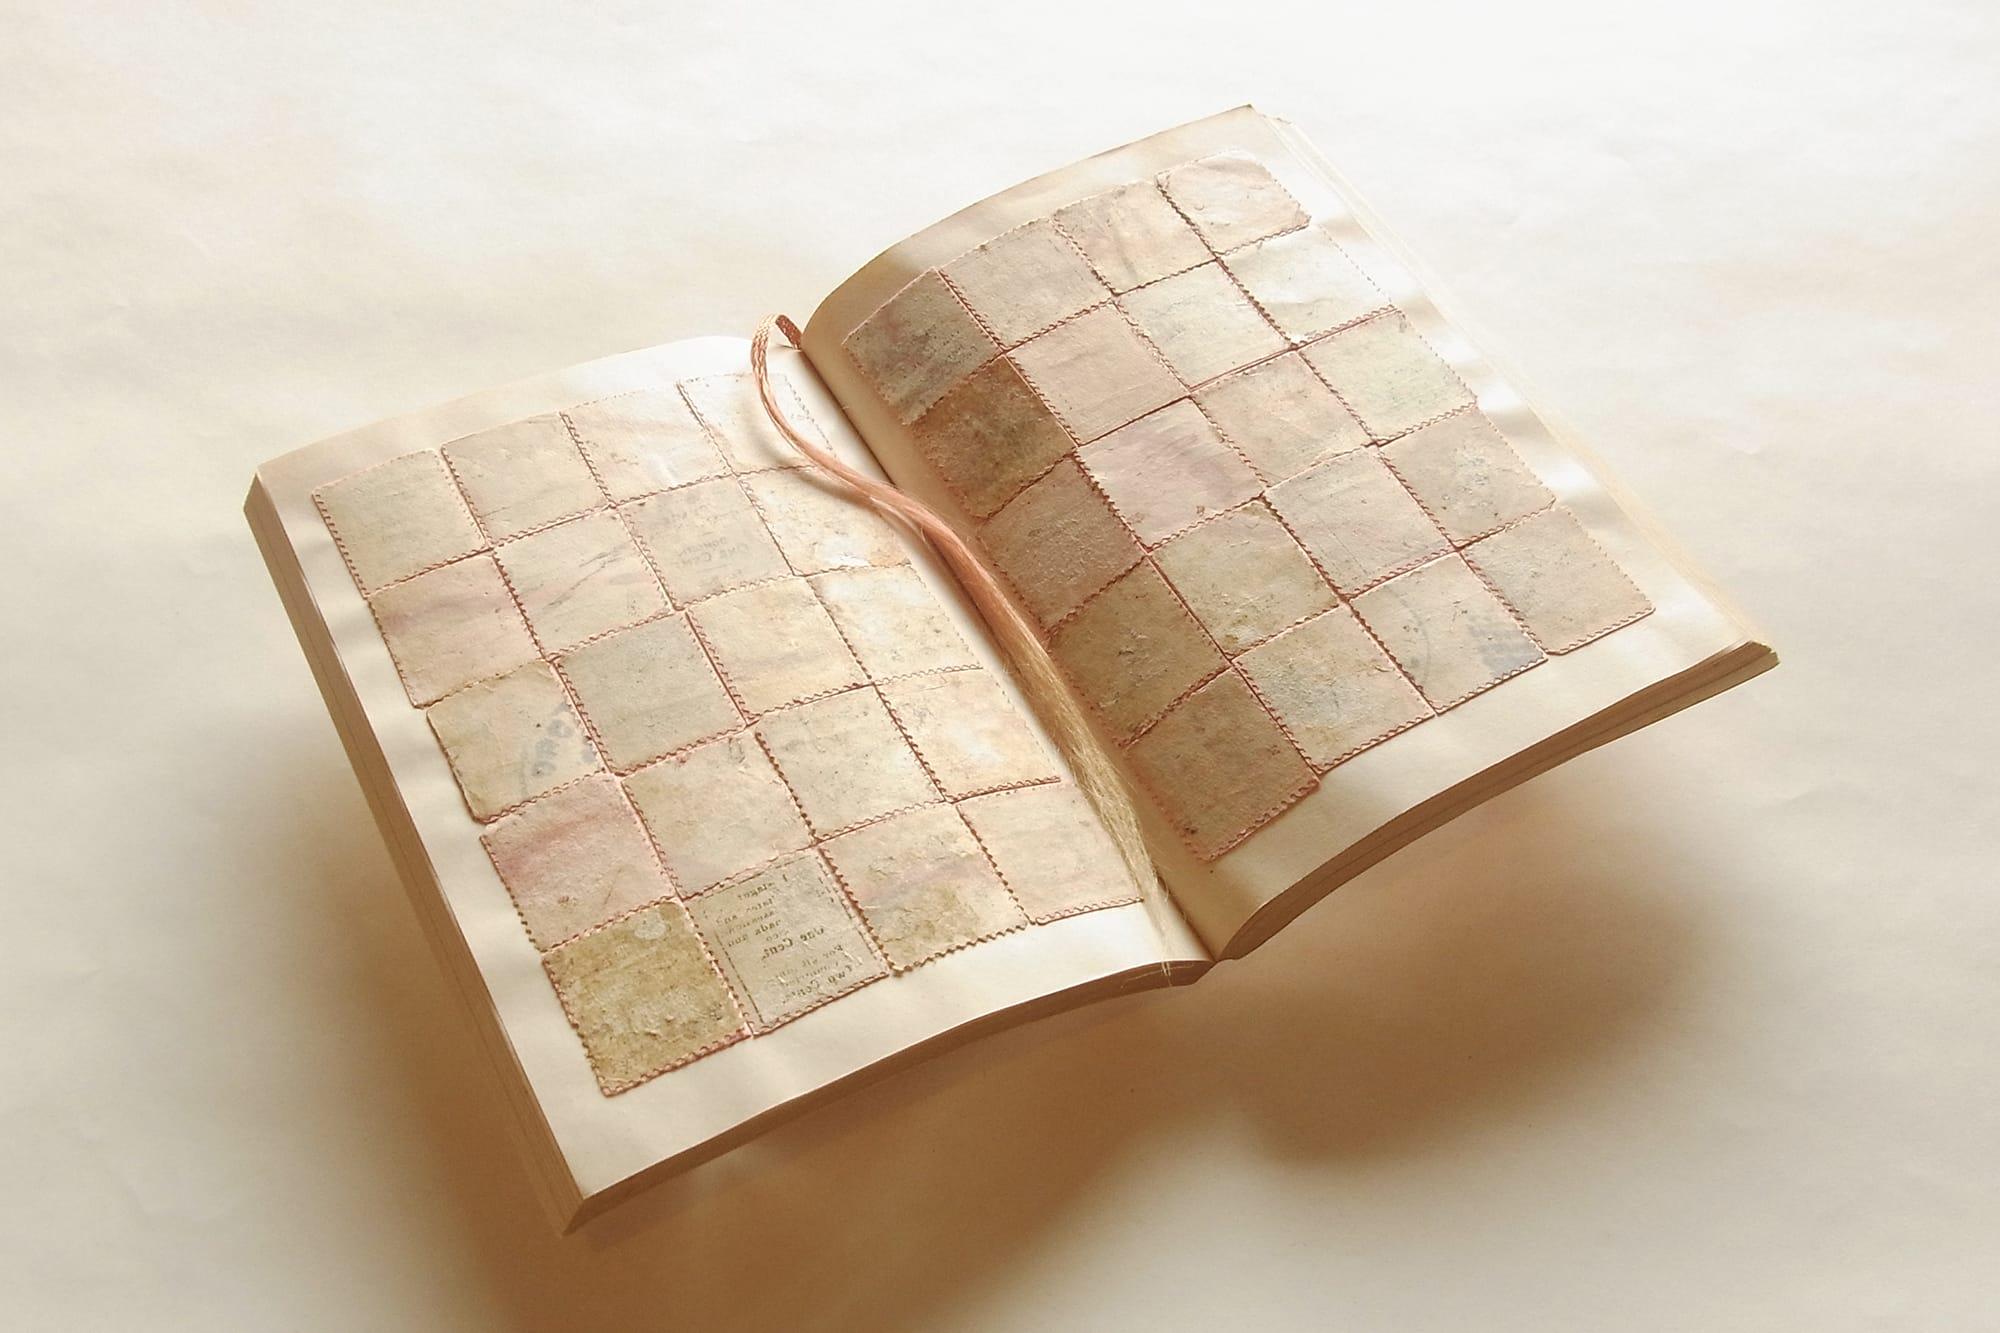 福田尚代《ラ・シャット・エマイヨールへの手紙》2009-2019年 作家蔵 © Naoyo Fukuda, courtesy Yukiko Koide Presents